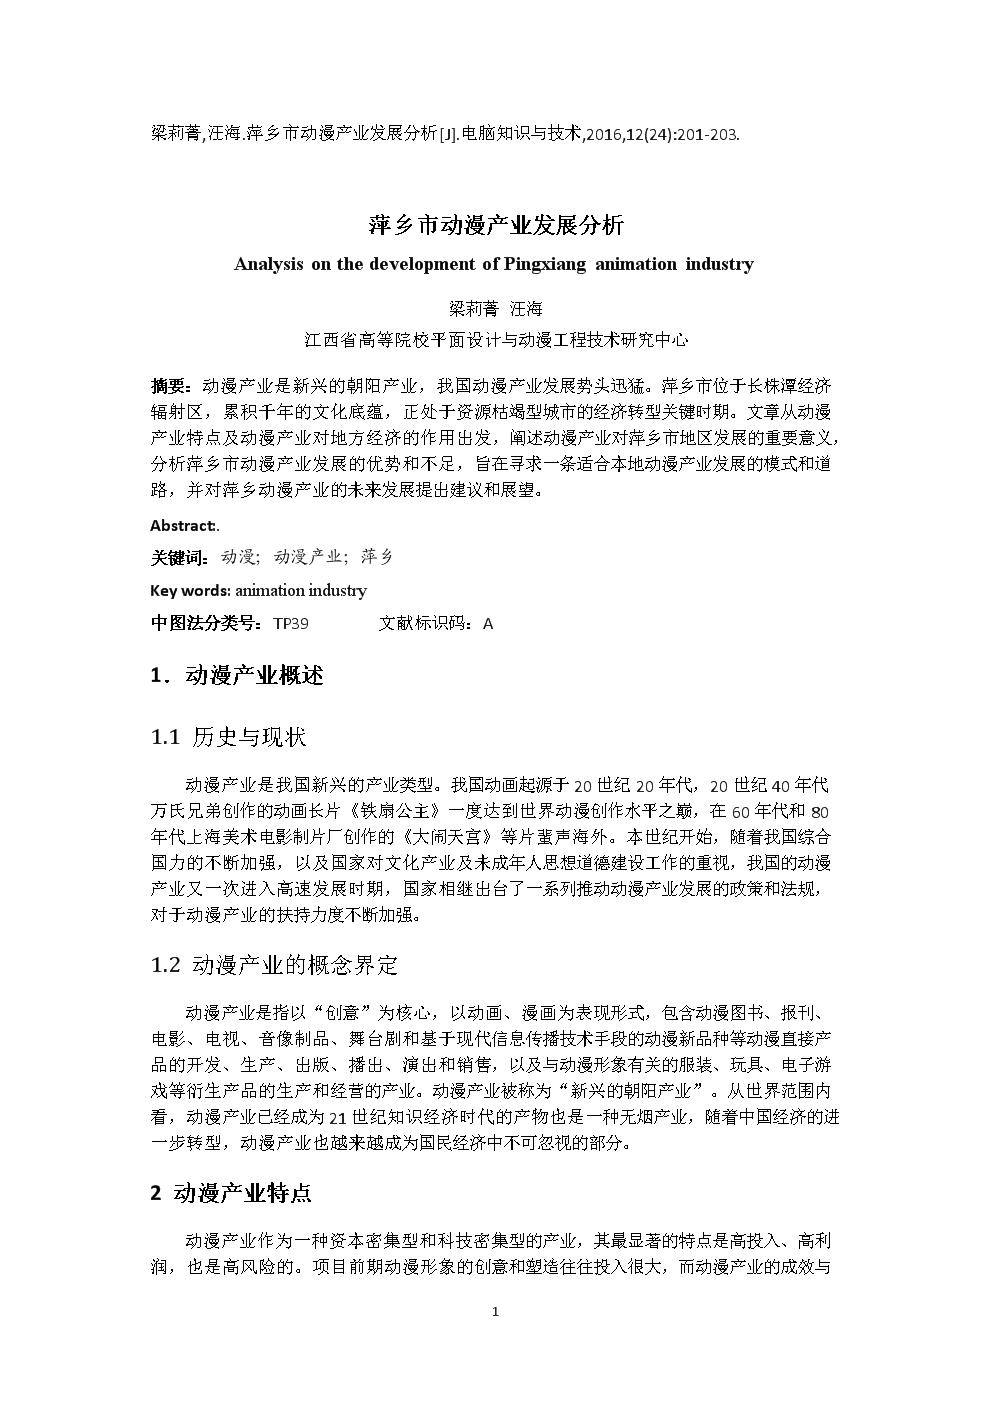 萍乡市动漫产业发展分析bak.docx